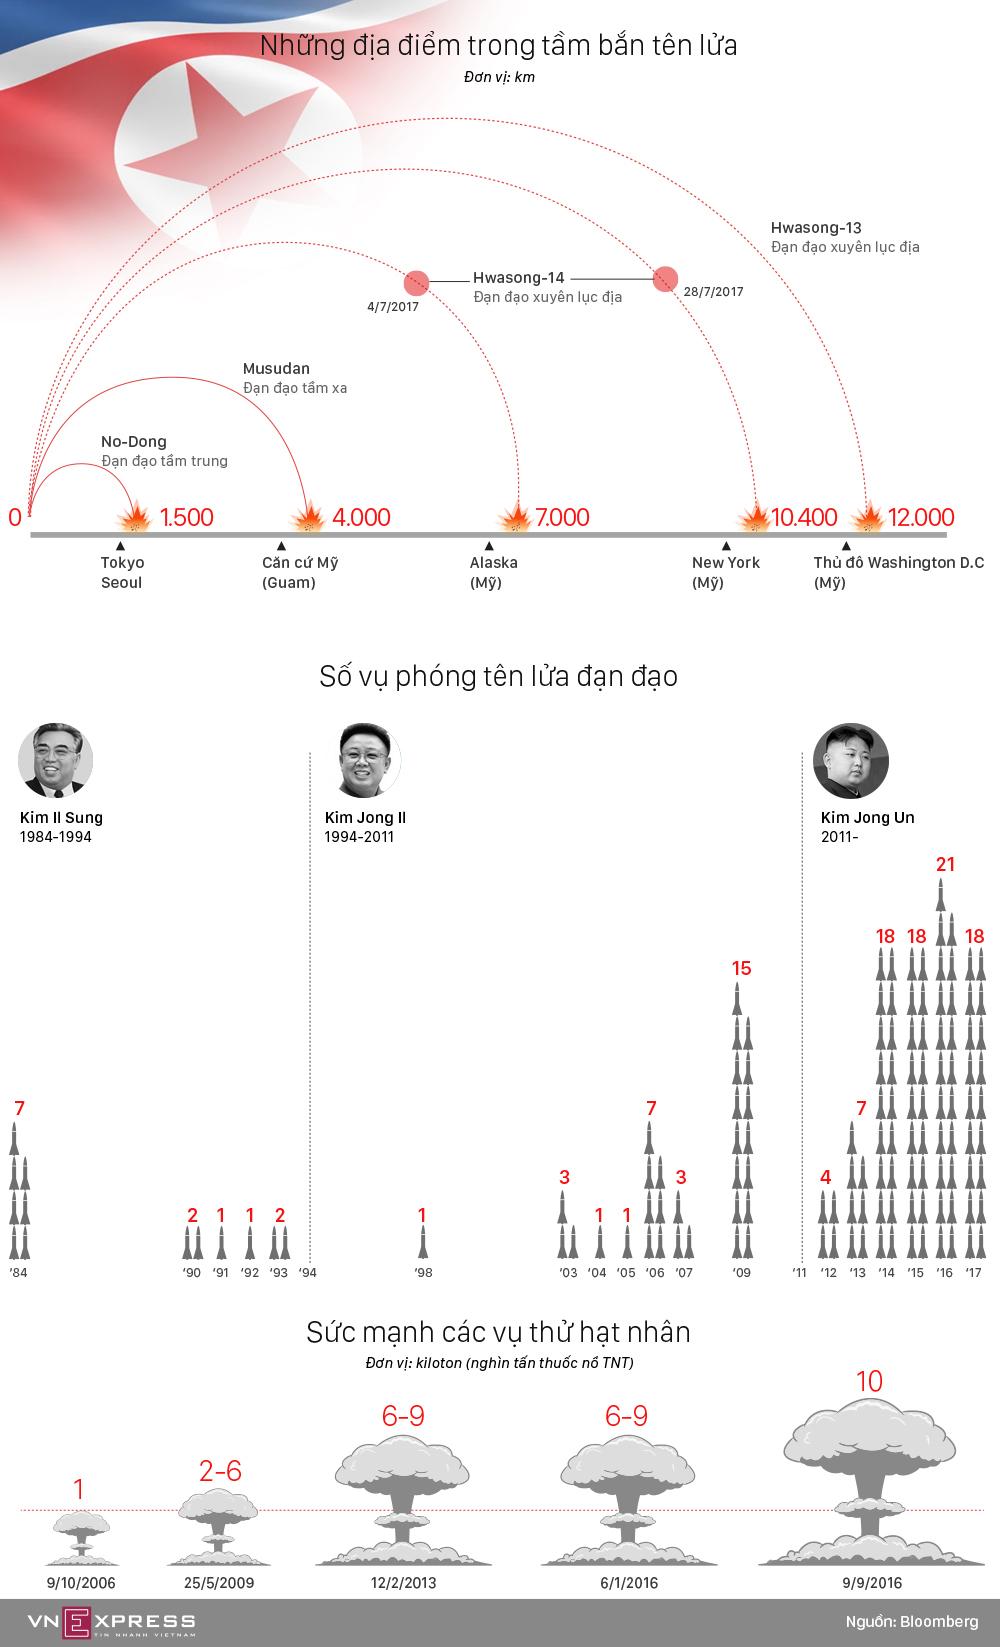 Ba thập kỷ Triều Tiên phát triển tên lửa, vũ khí hạt nhân